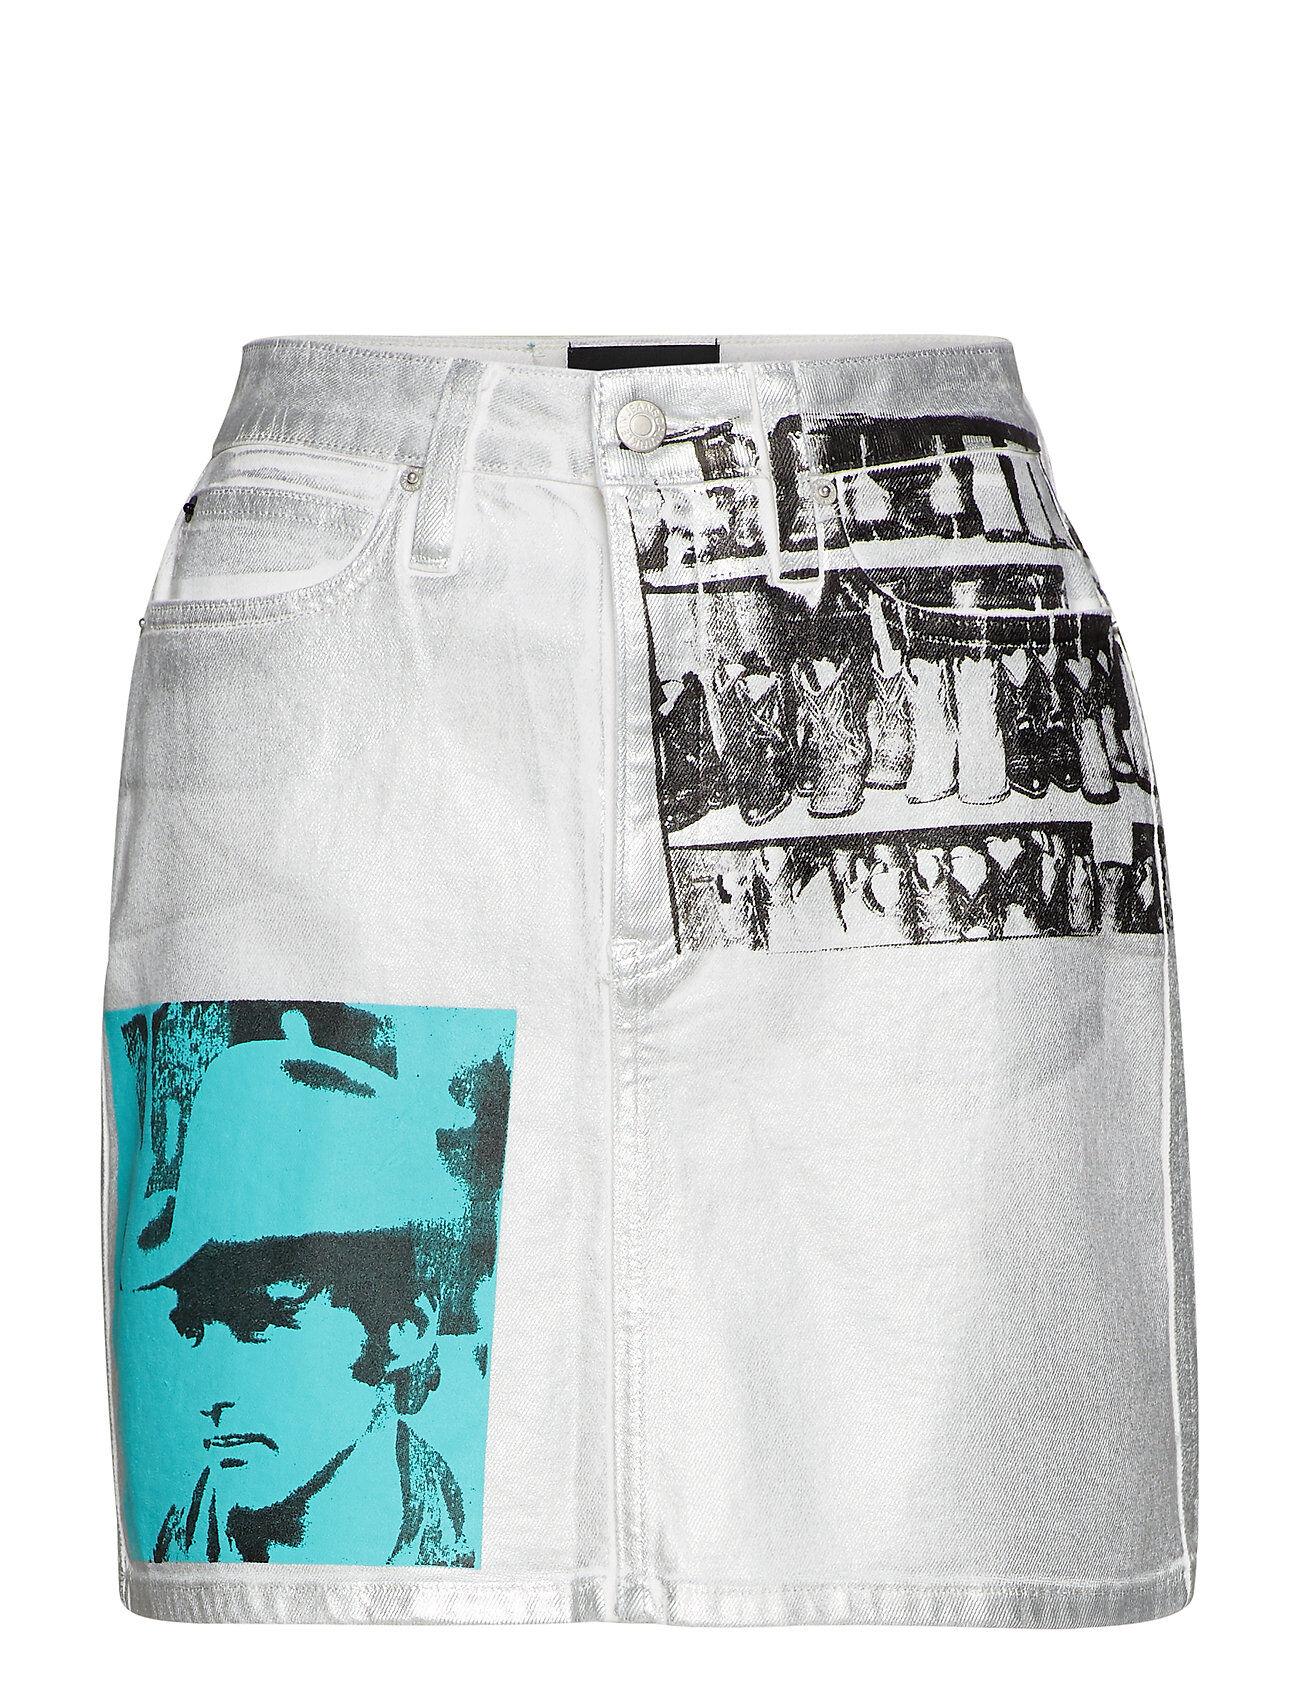 Image of Calvin High Rise Mini Skirt Lyhyt Hame Sininen Calvin Klein Jeans